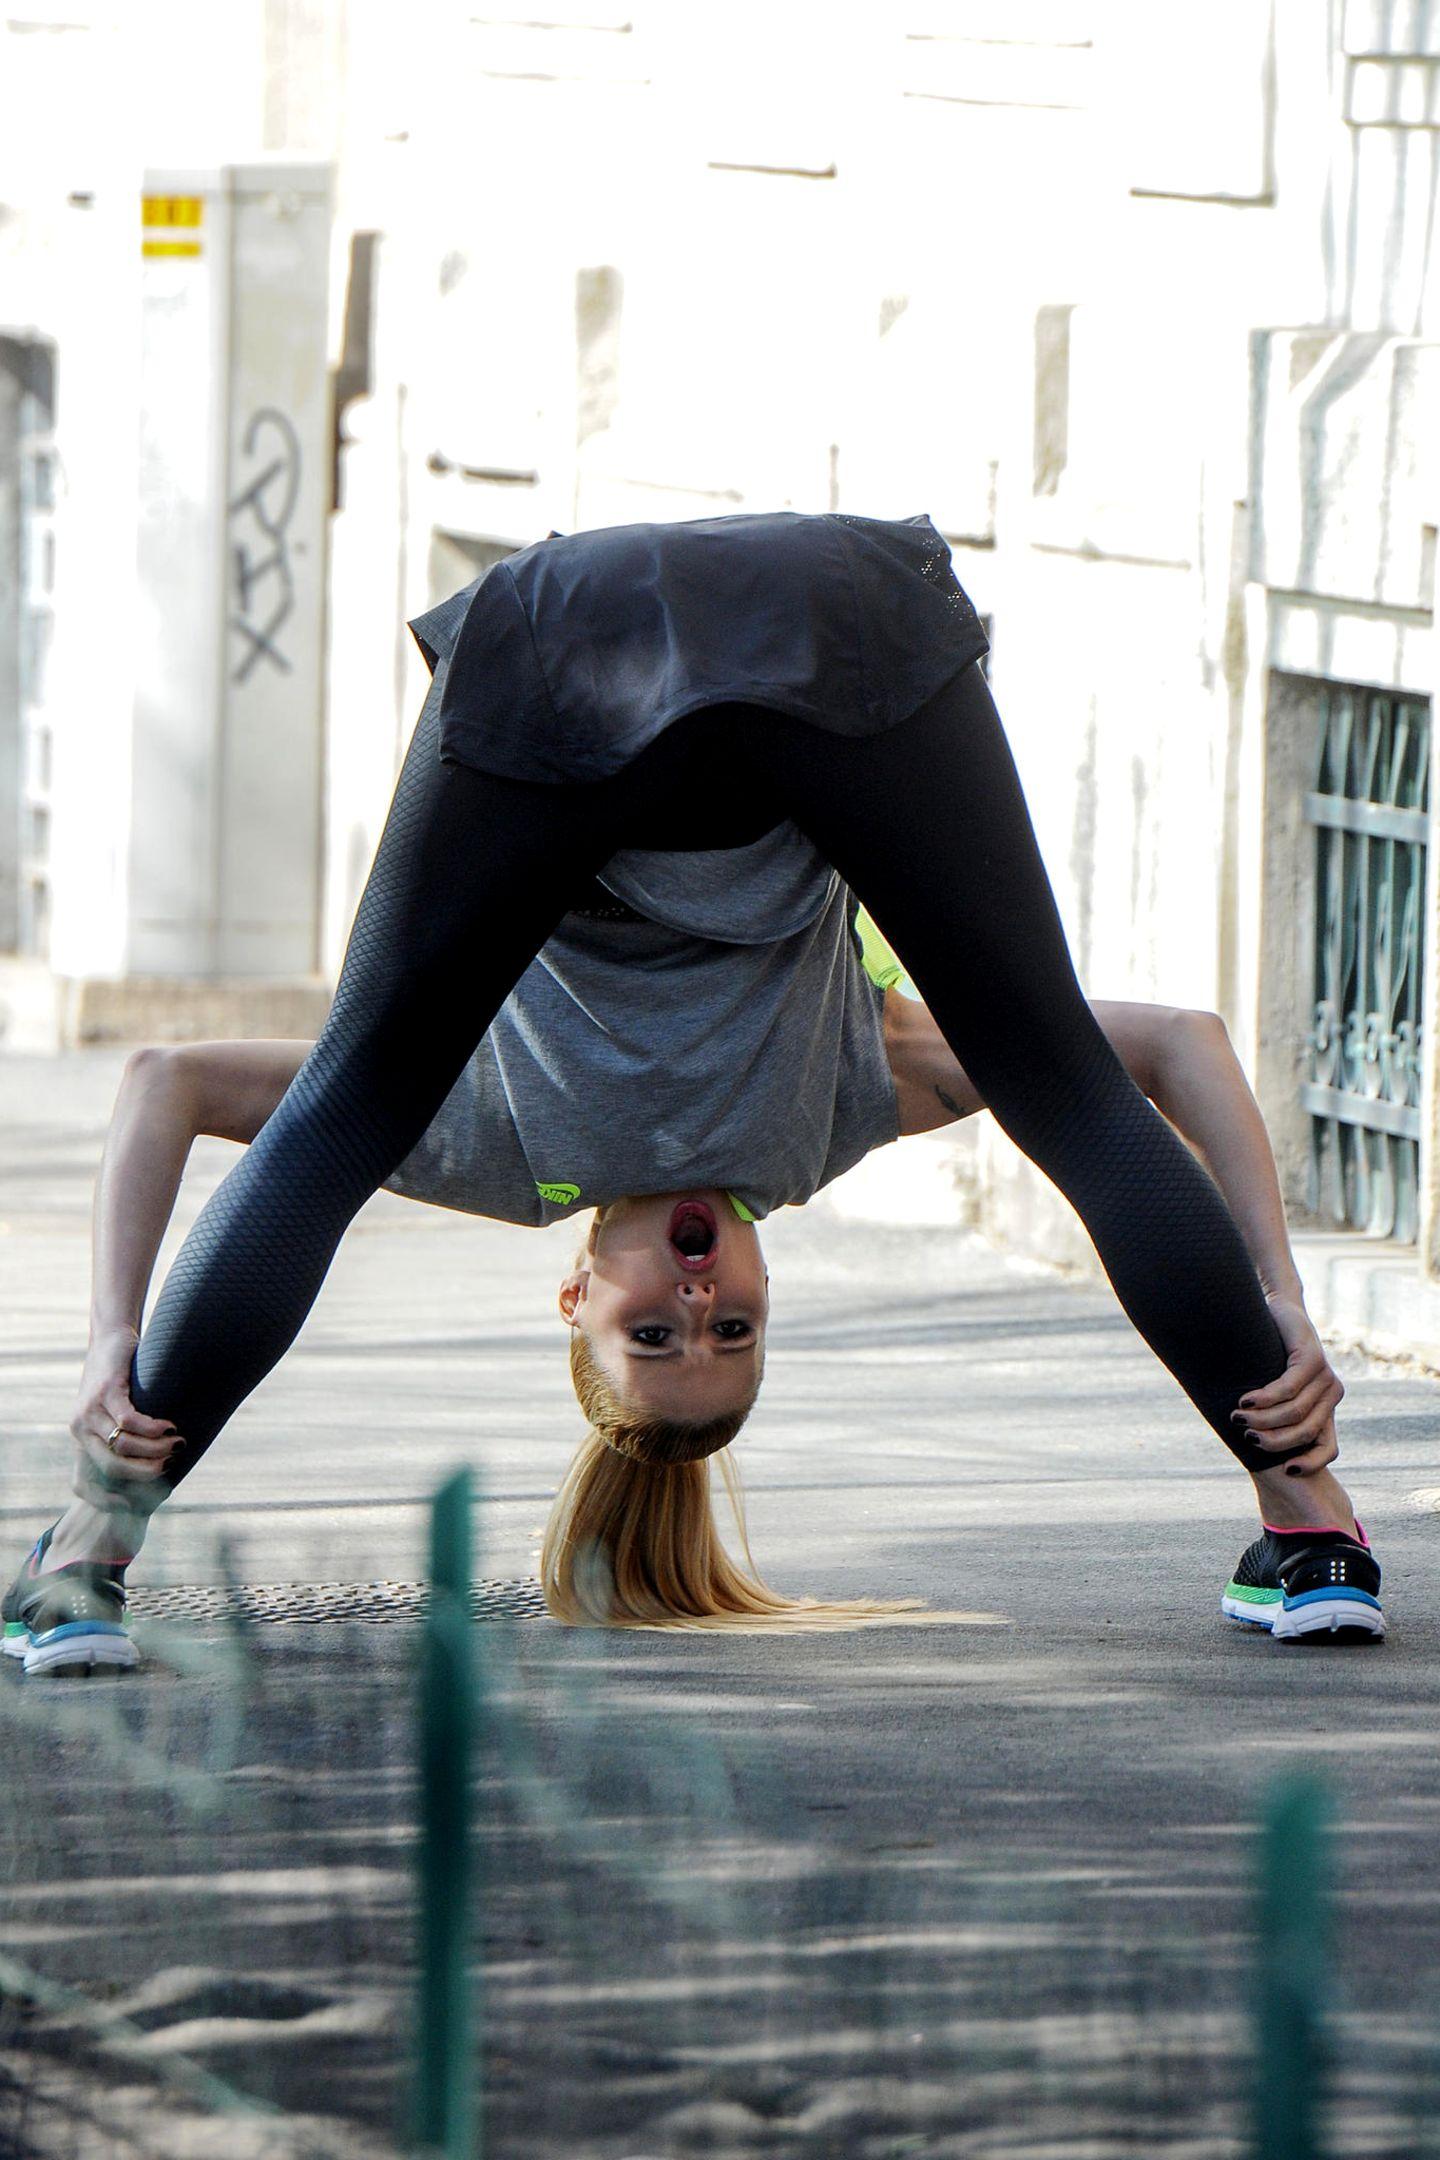 Michelle Hunziker steht auf Gesichtsakrobatik, während der Akrobatik.